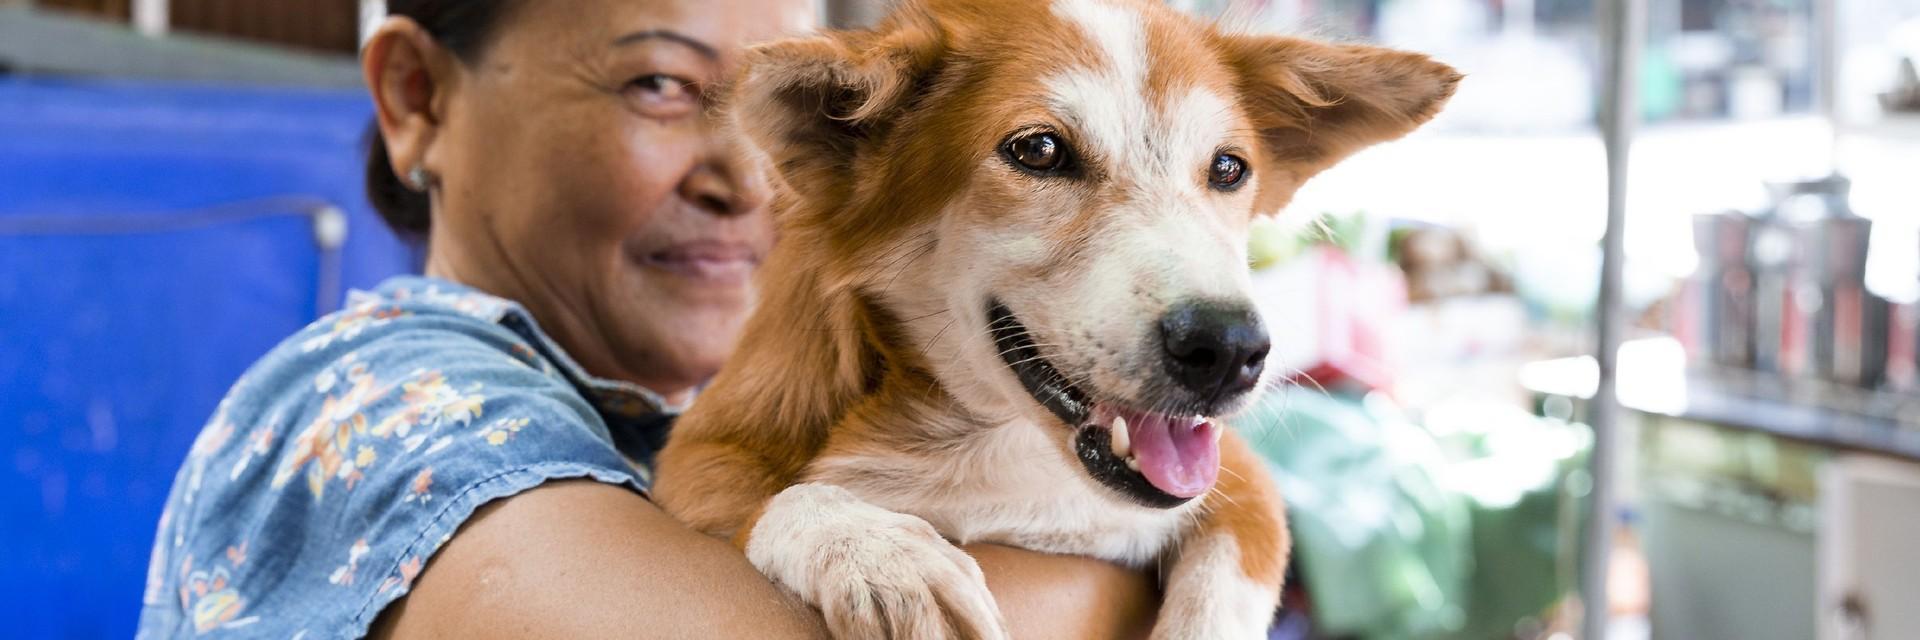 glücklicher Streunerhund